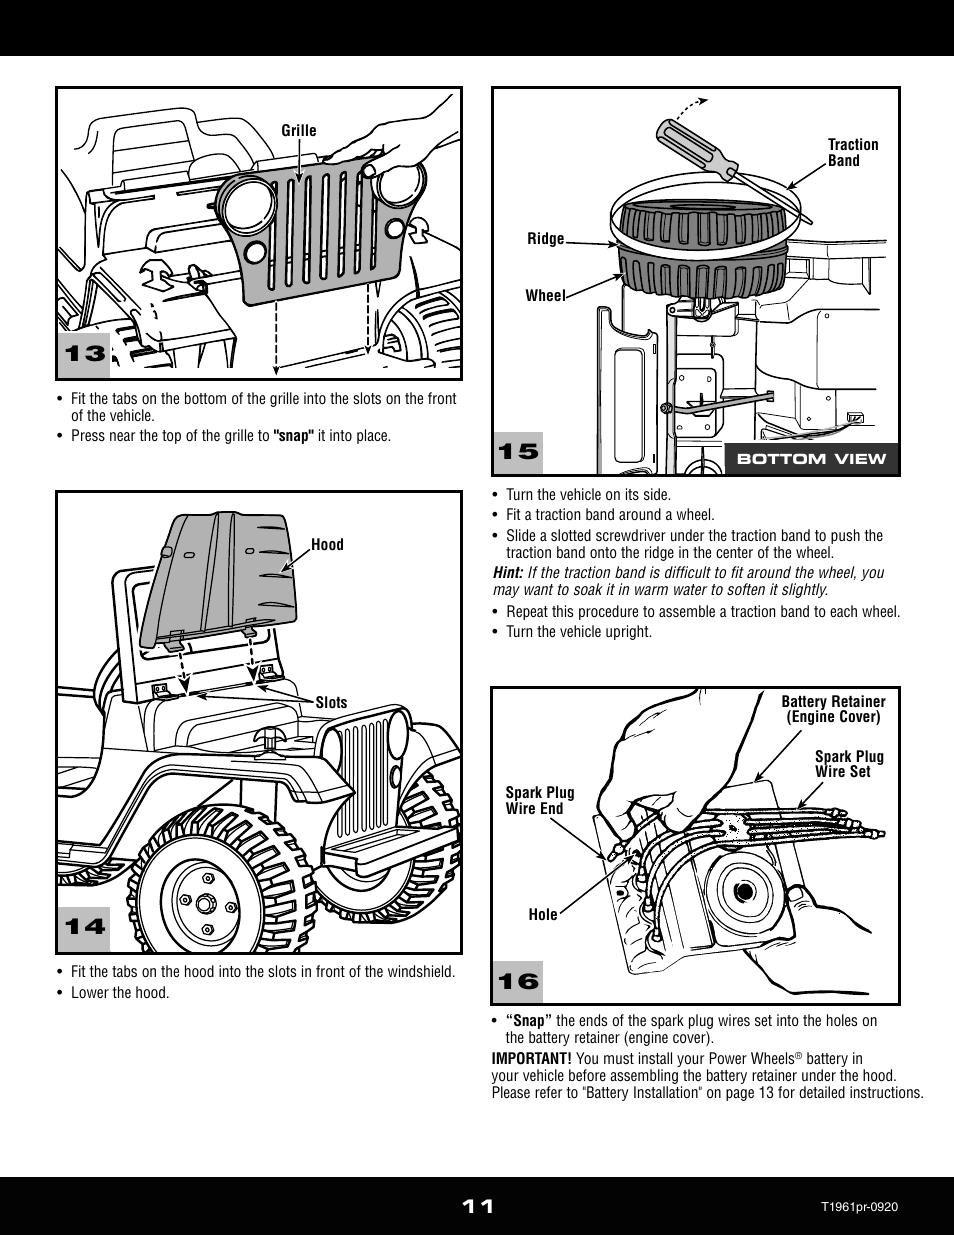 Barbie Jeep Wrangler Wiring | Wiring Liry on